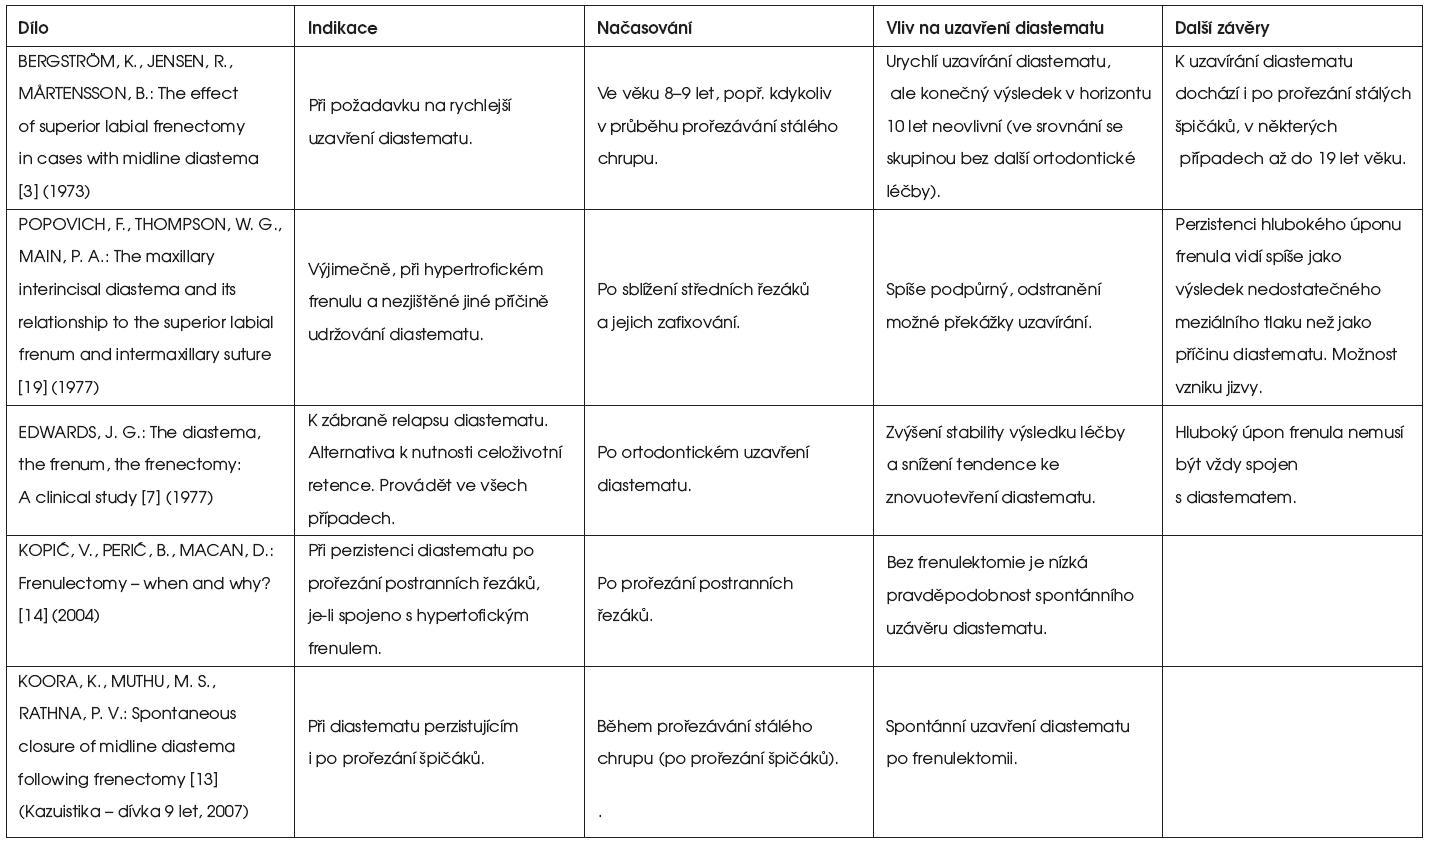 Přehled názorů na indikace a načasování frenulektomie v léčbě diastematu